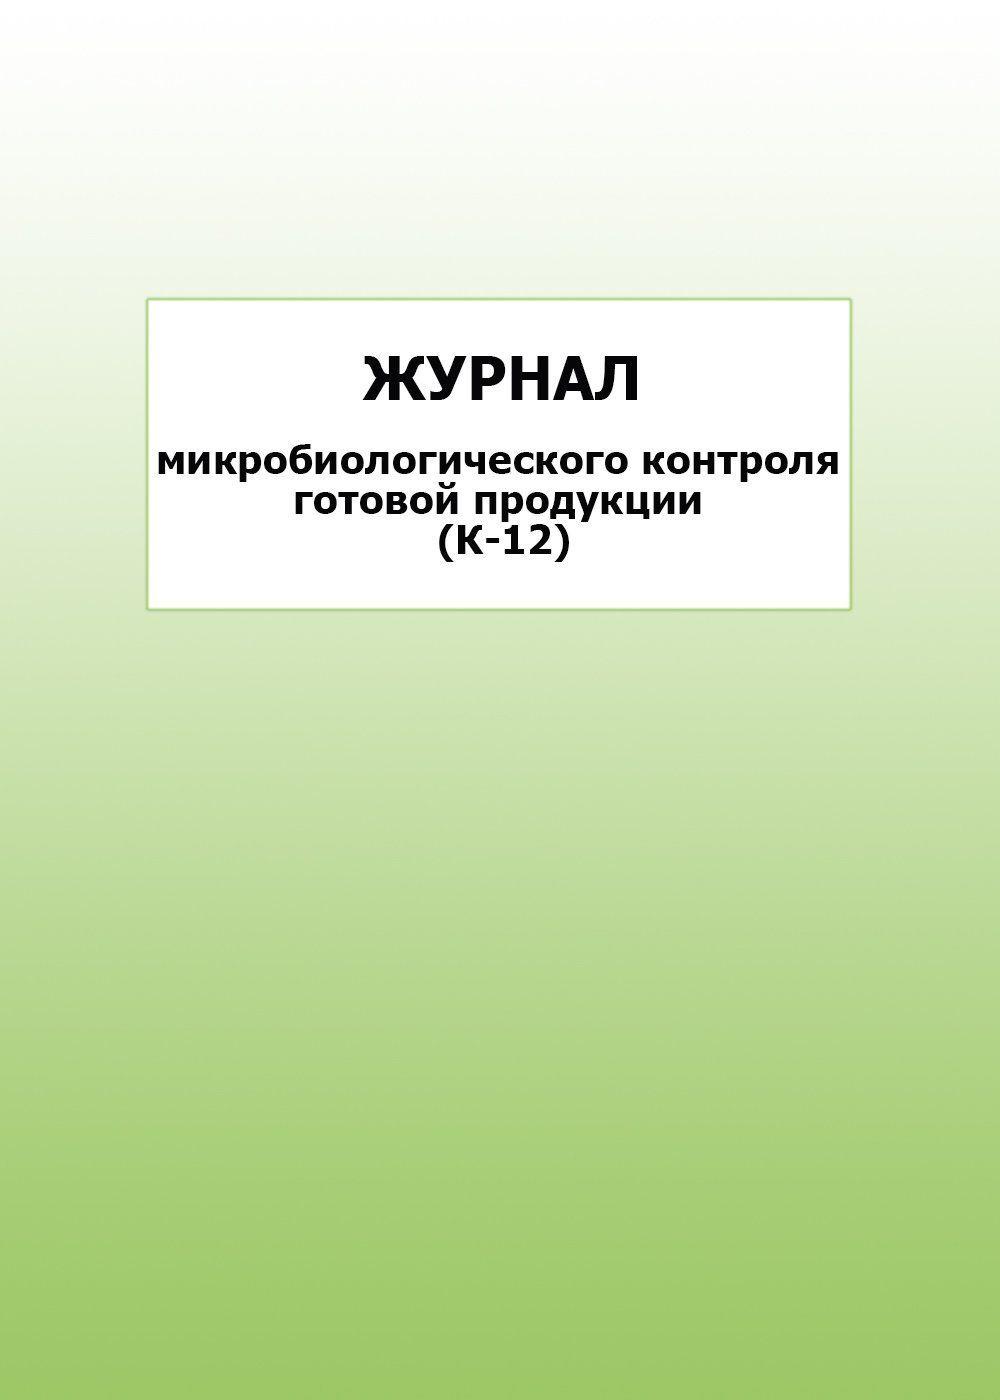 Журнал микробиологического контроля готовой продукции (К-12): упаковка 100 шт.